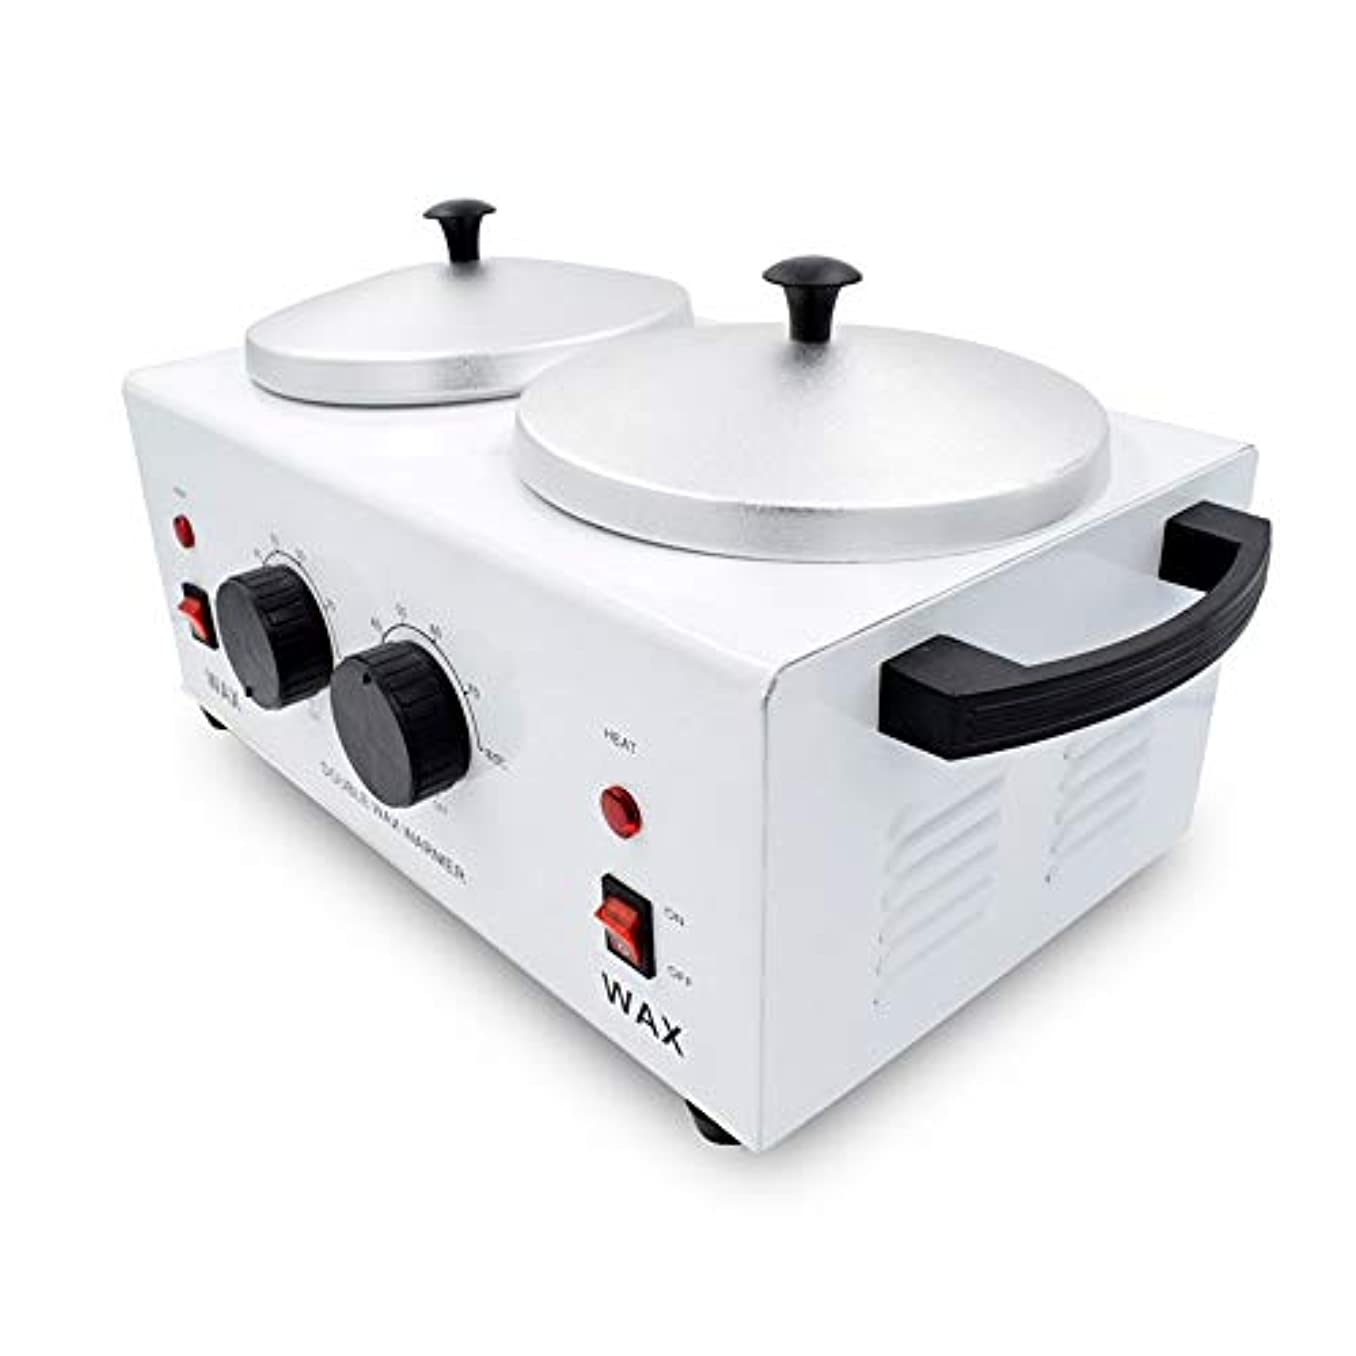 排泄する散髪プライムダブルポットワックスウォーマー、美容スパワックスヒーターポット、プロフェッショナルサロン機器、調節可能な温度、1000CC